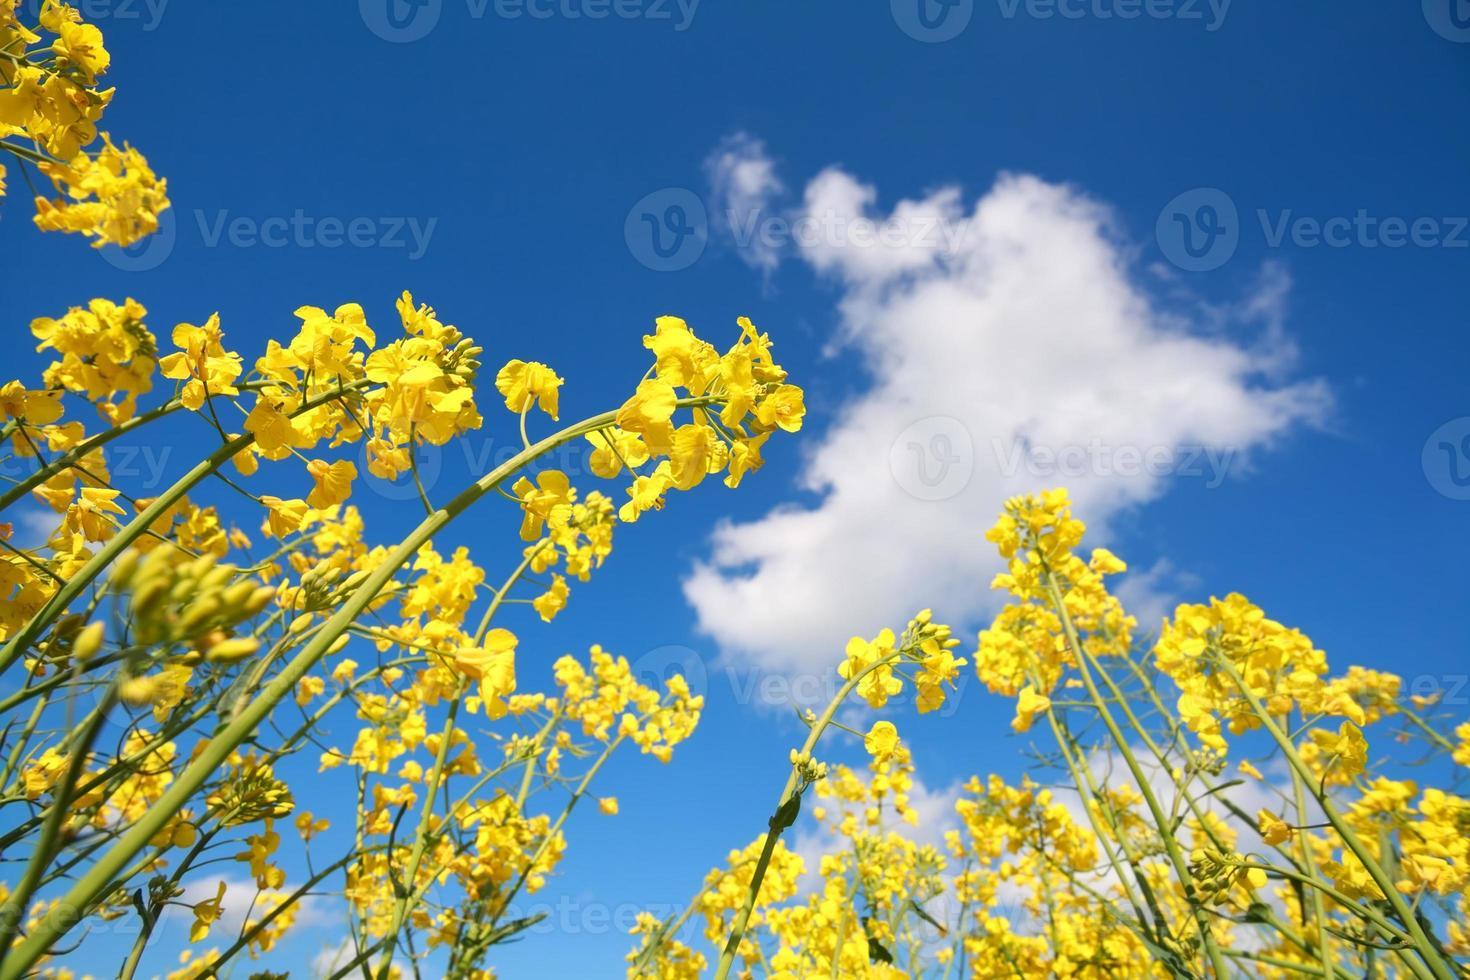 Rapsblüten und blauer Himmel foto